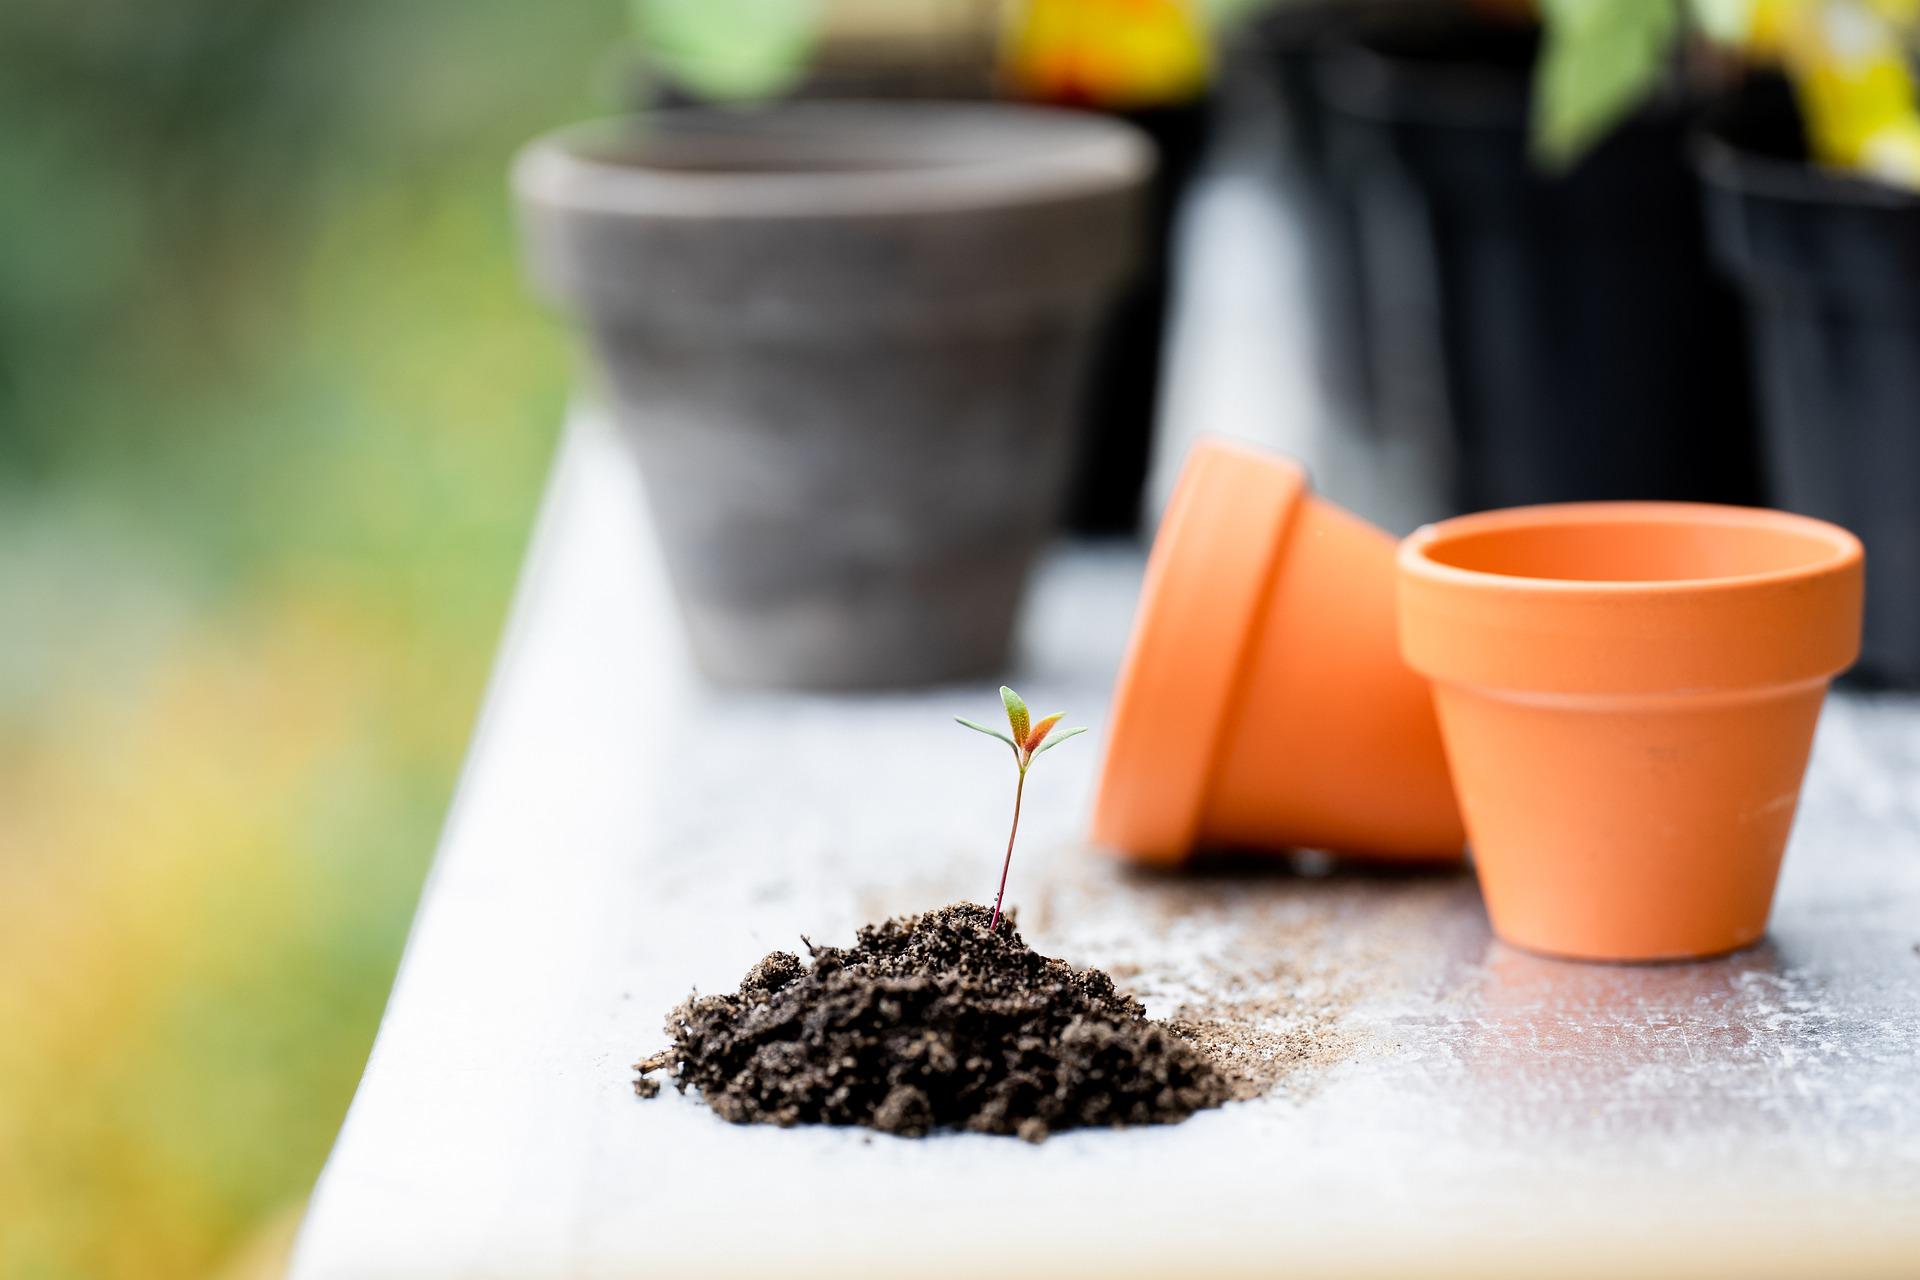 Все растения нуждаются в периодической подкормке